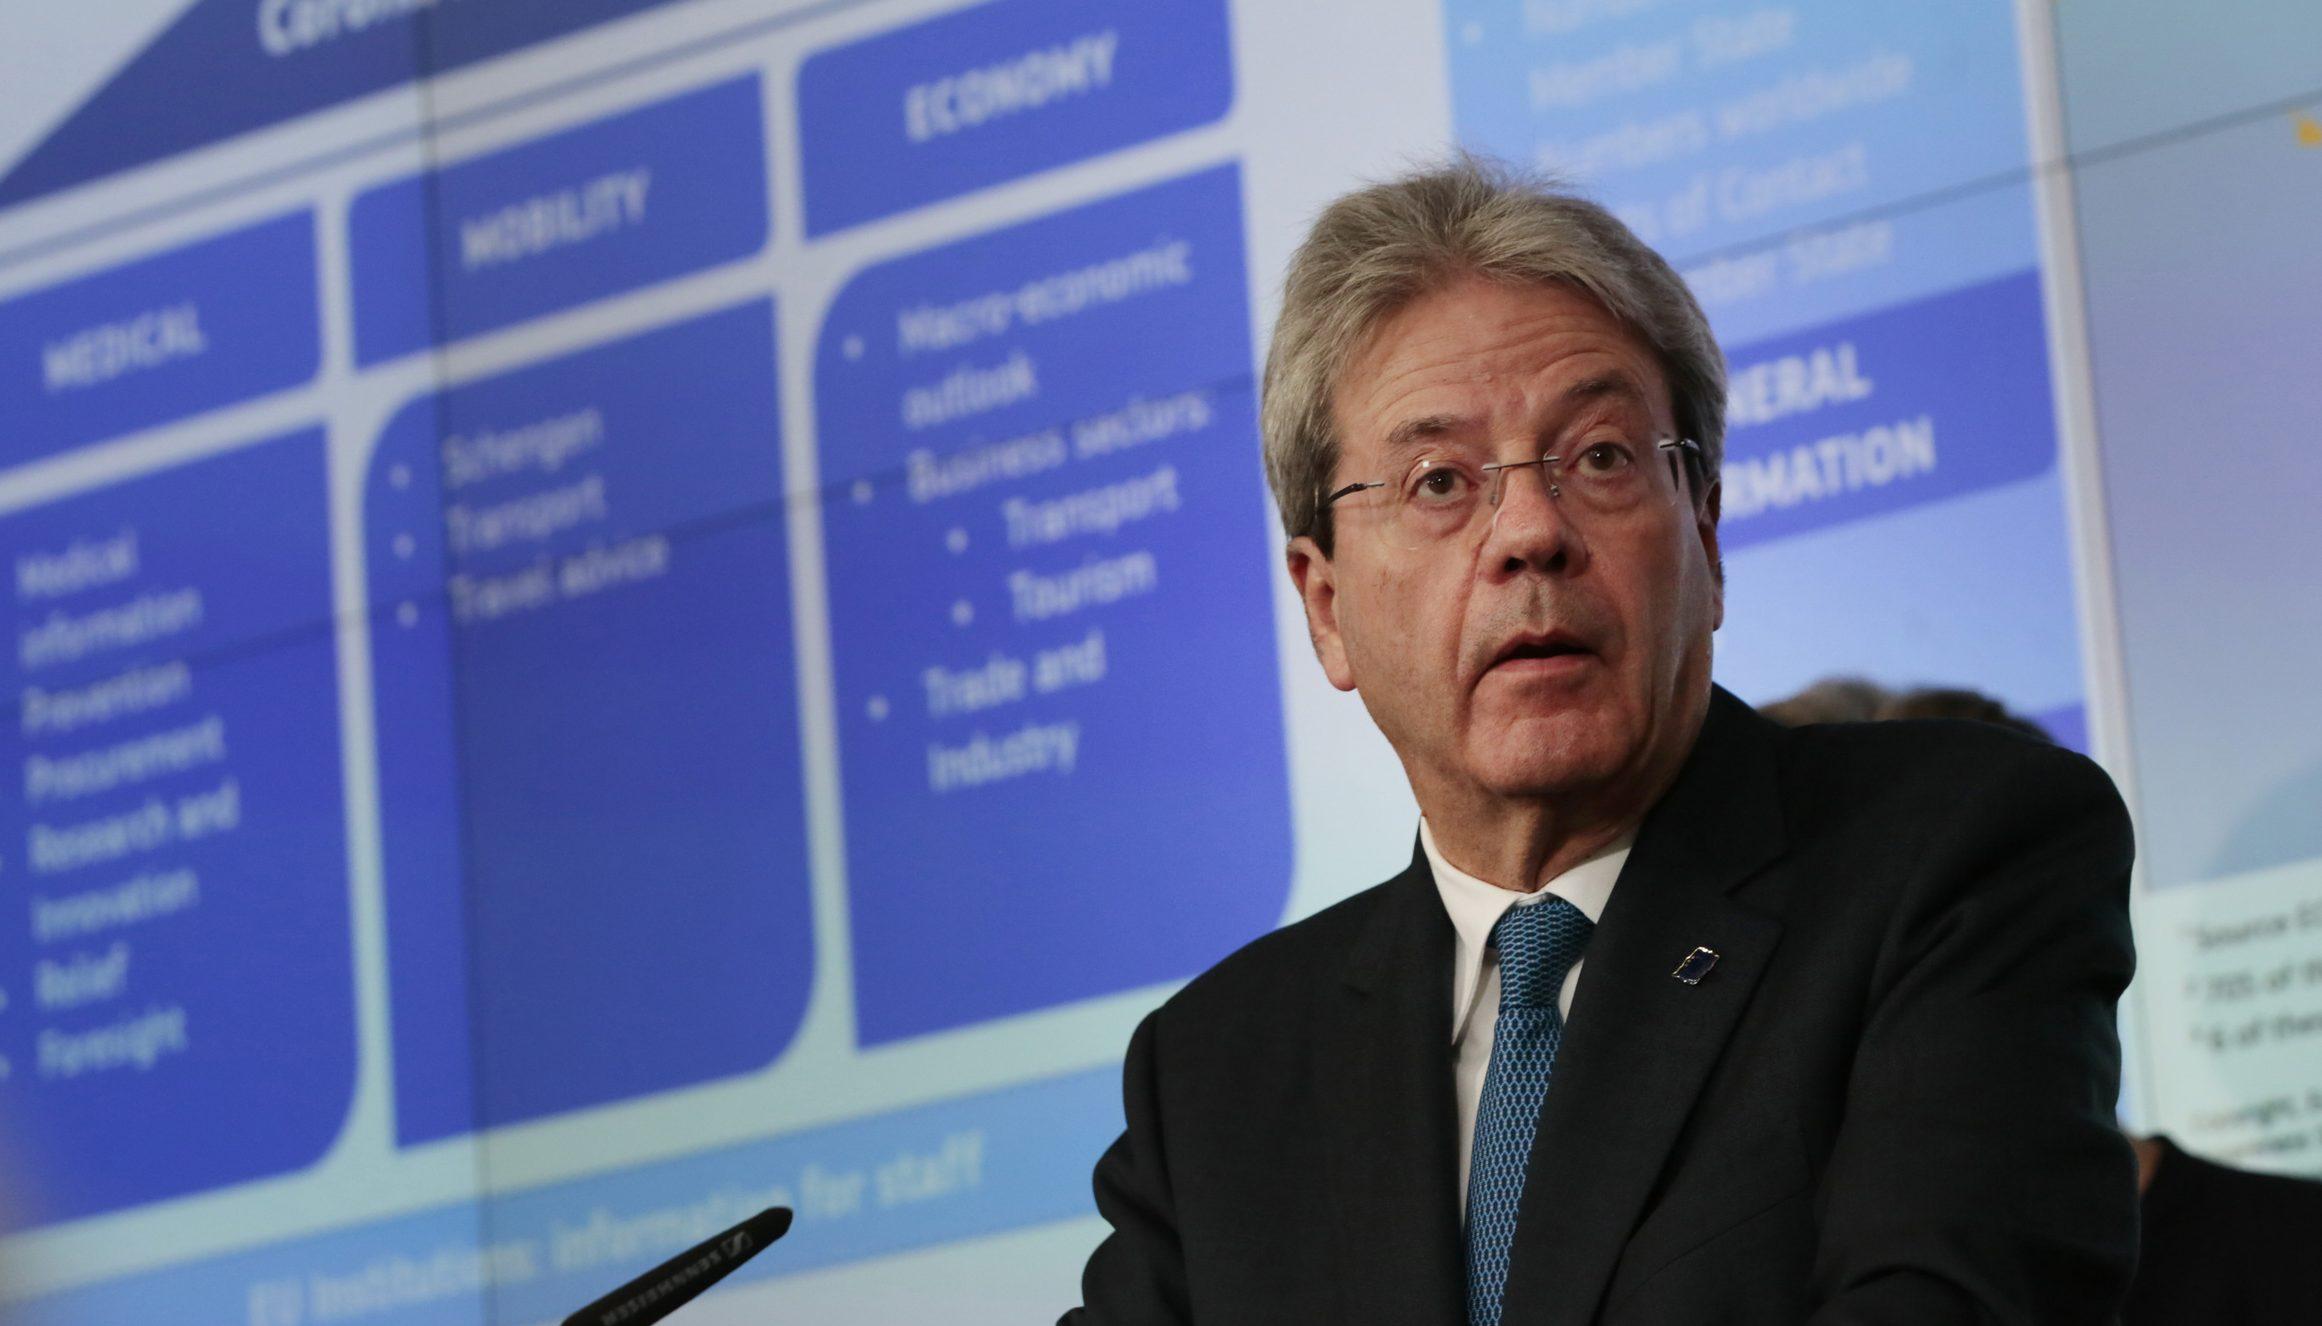 Paolo Gentiloni messo ai margini nelle politiche Ue?